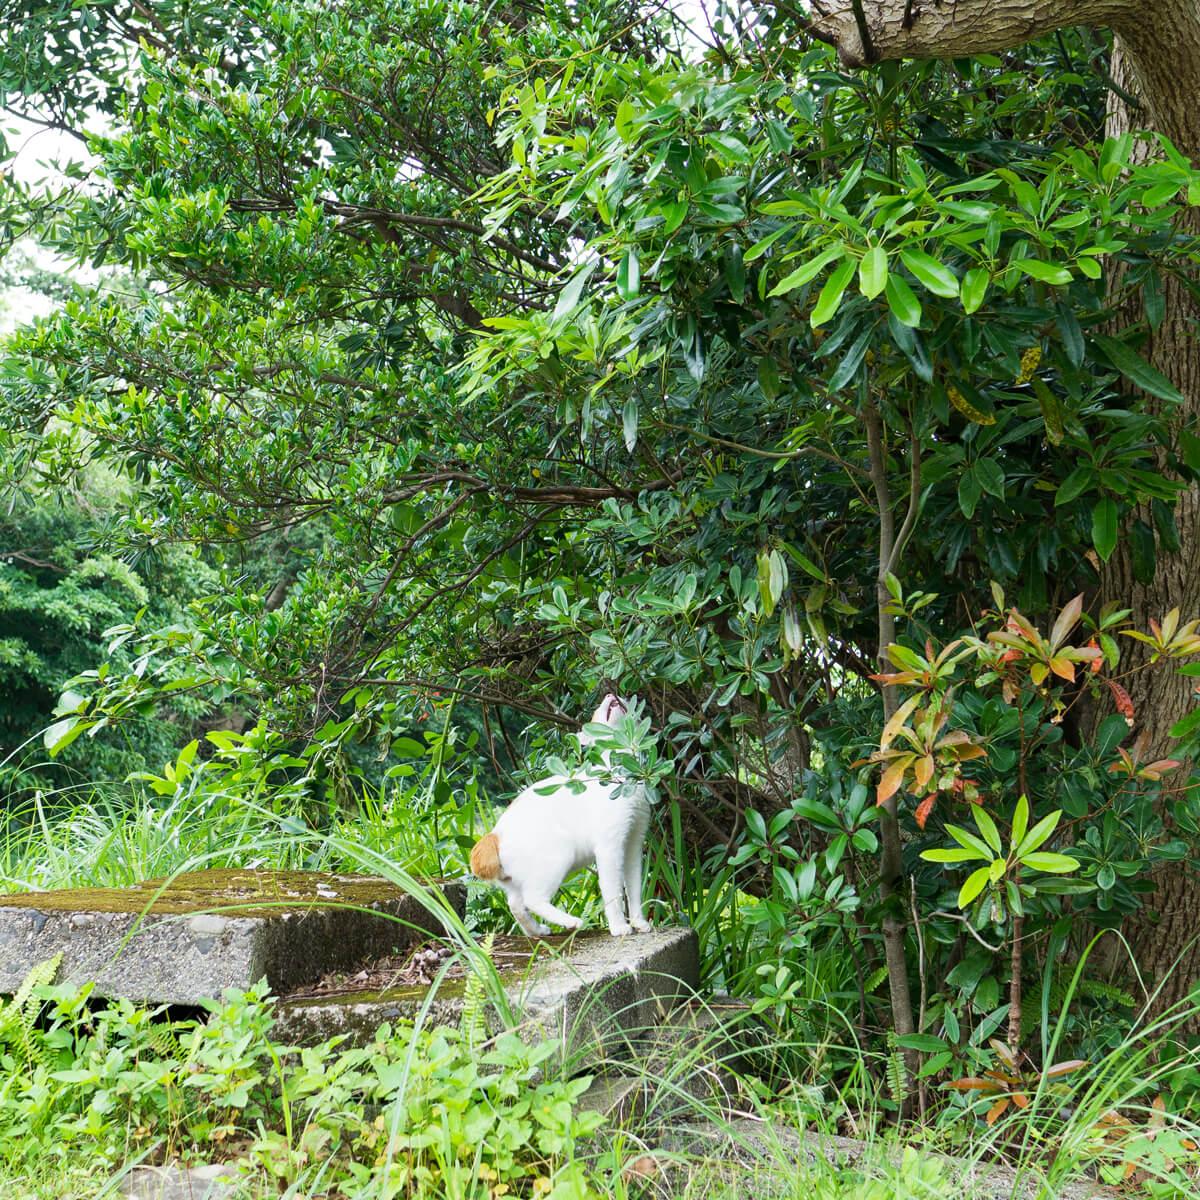 猫 屋久島日々の暮らし オーダーメイドマリッジリングのインスピレーション